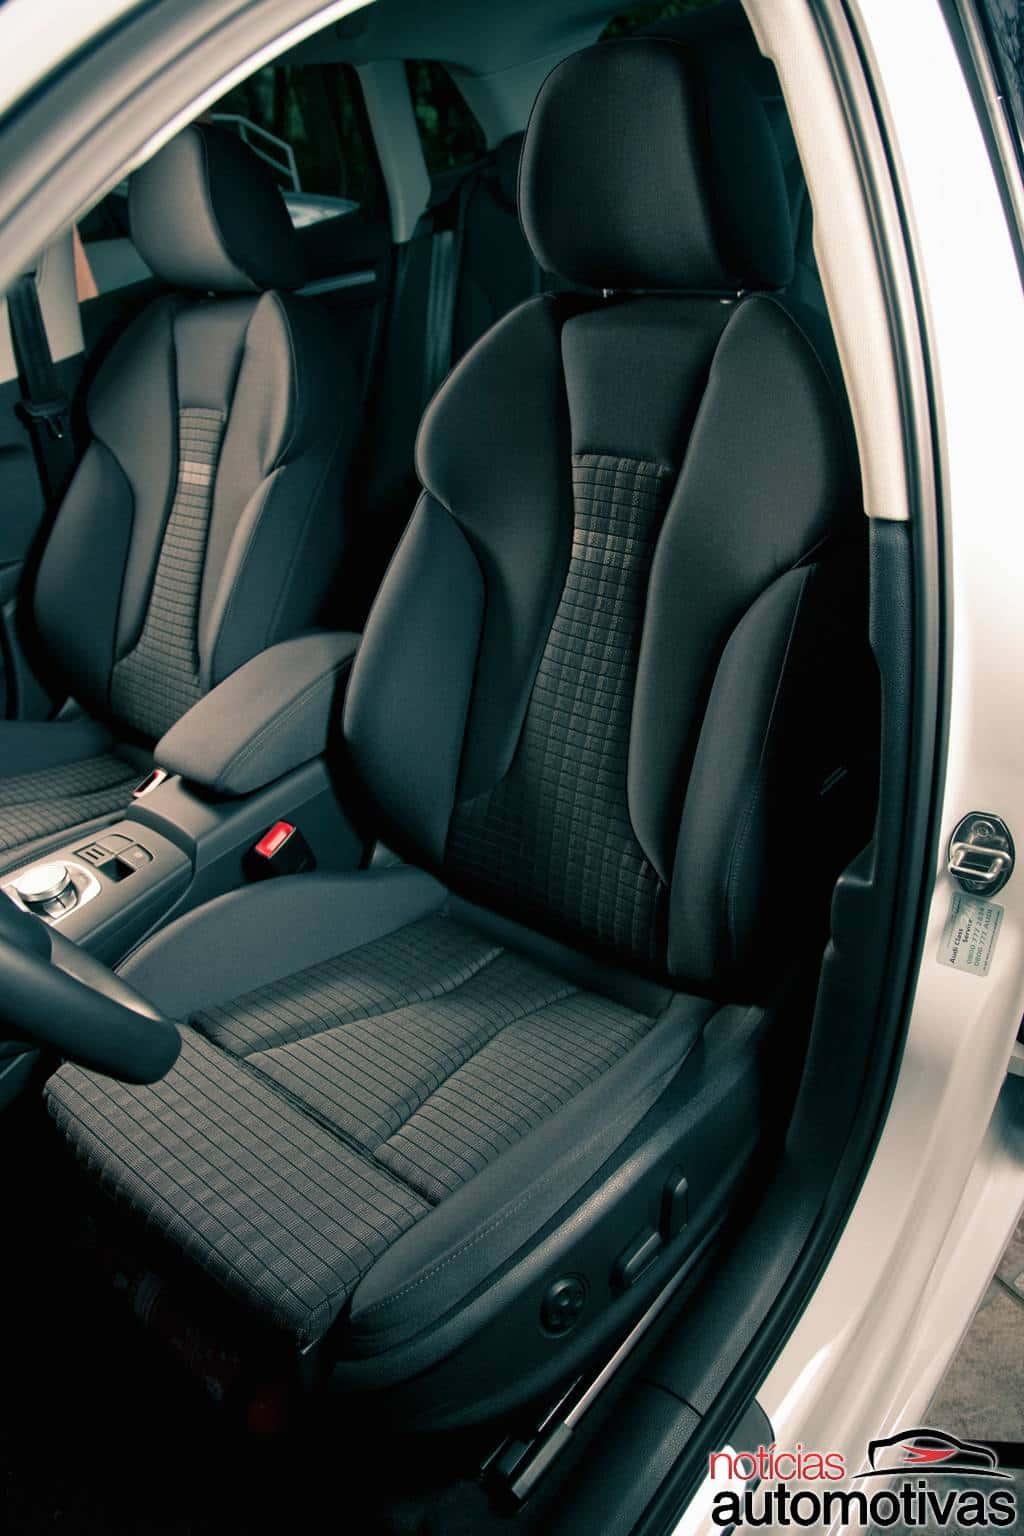 novo audi a3 sportback fotos avaliacao 45 - Audi A3 Sportback: sobra carro, faltam equipamentos